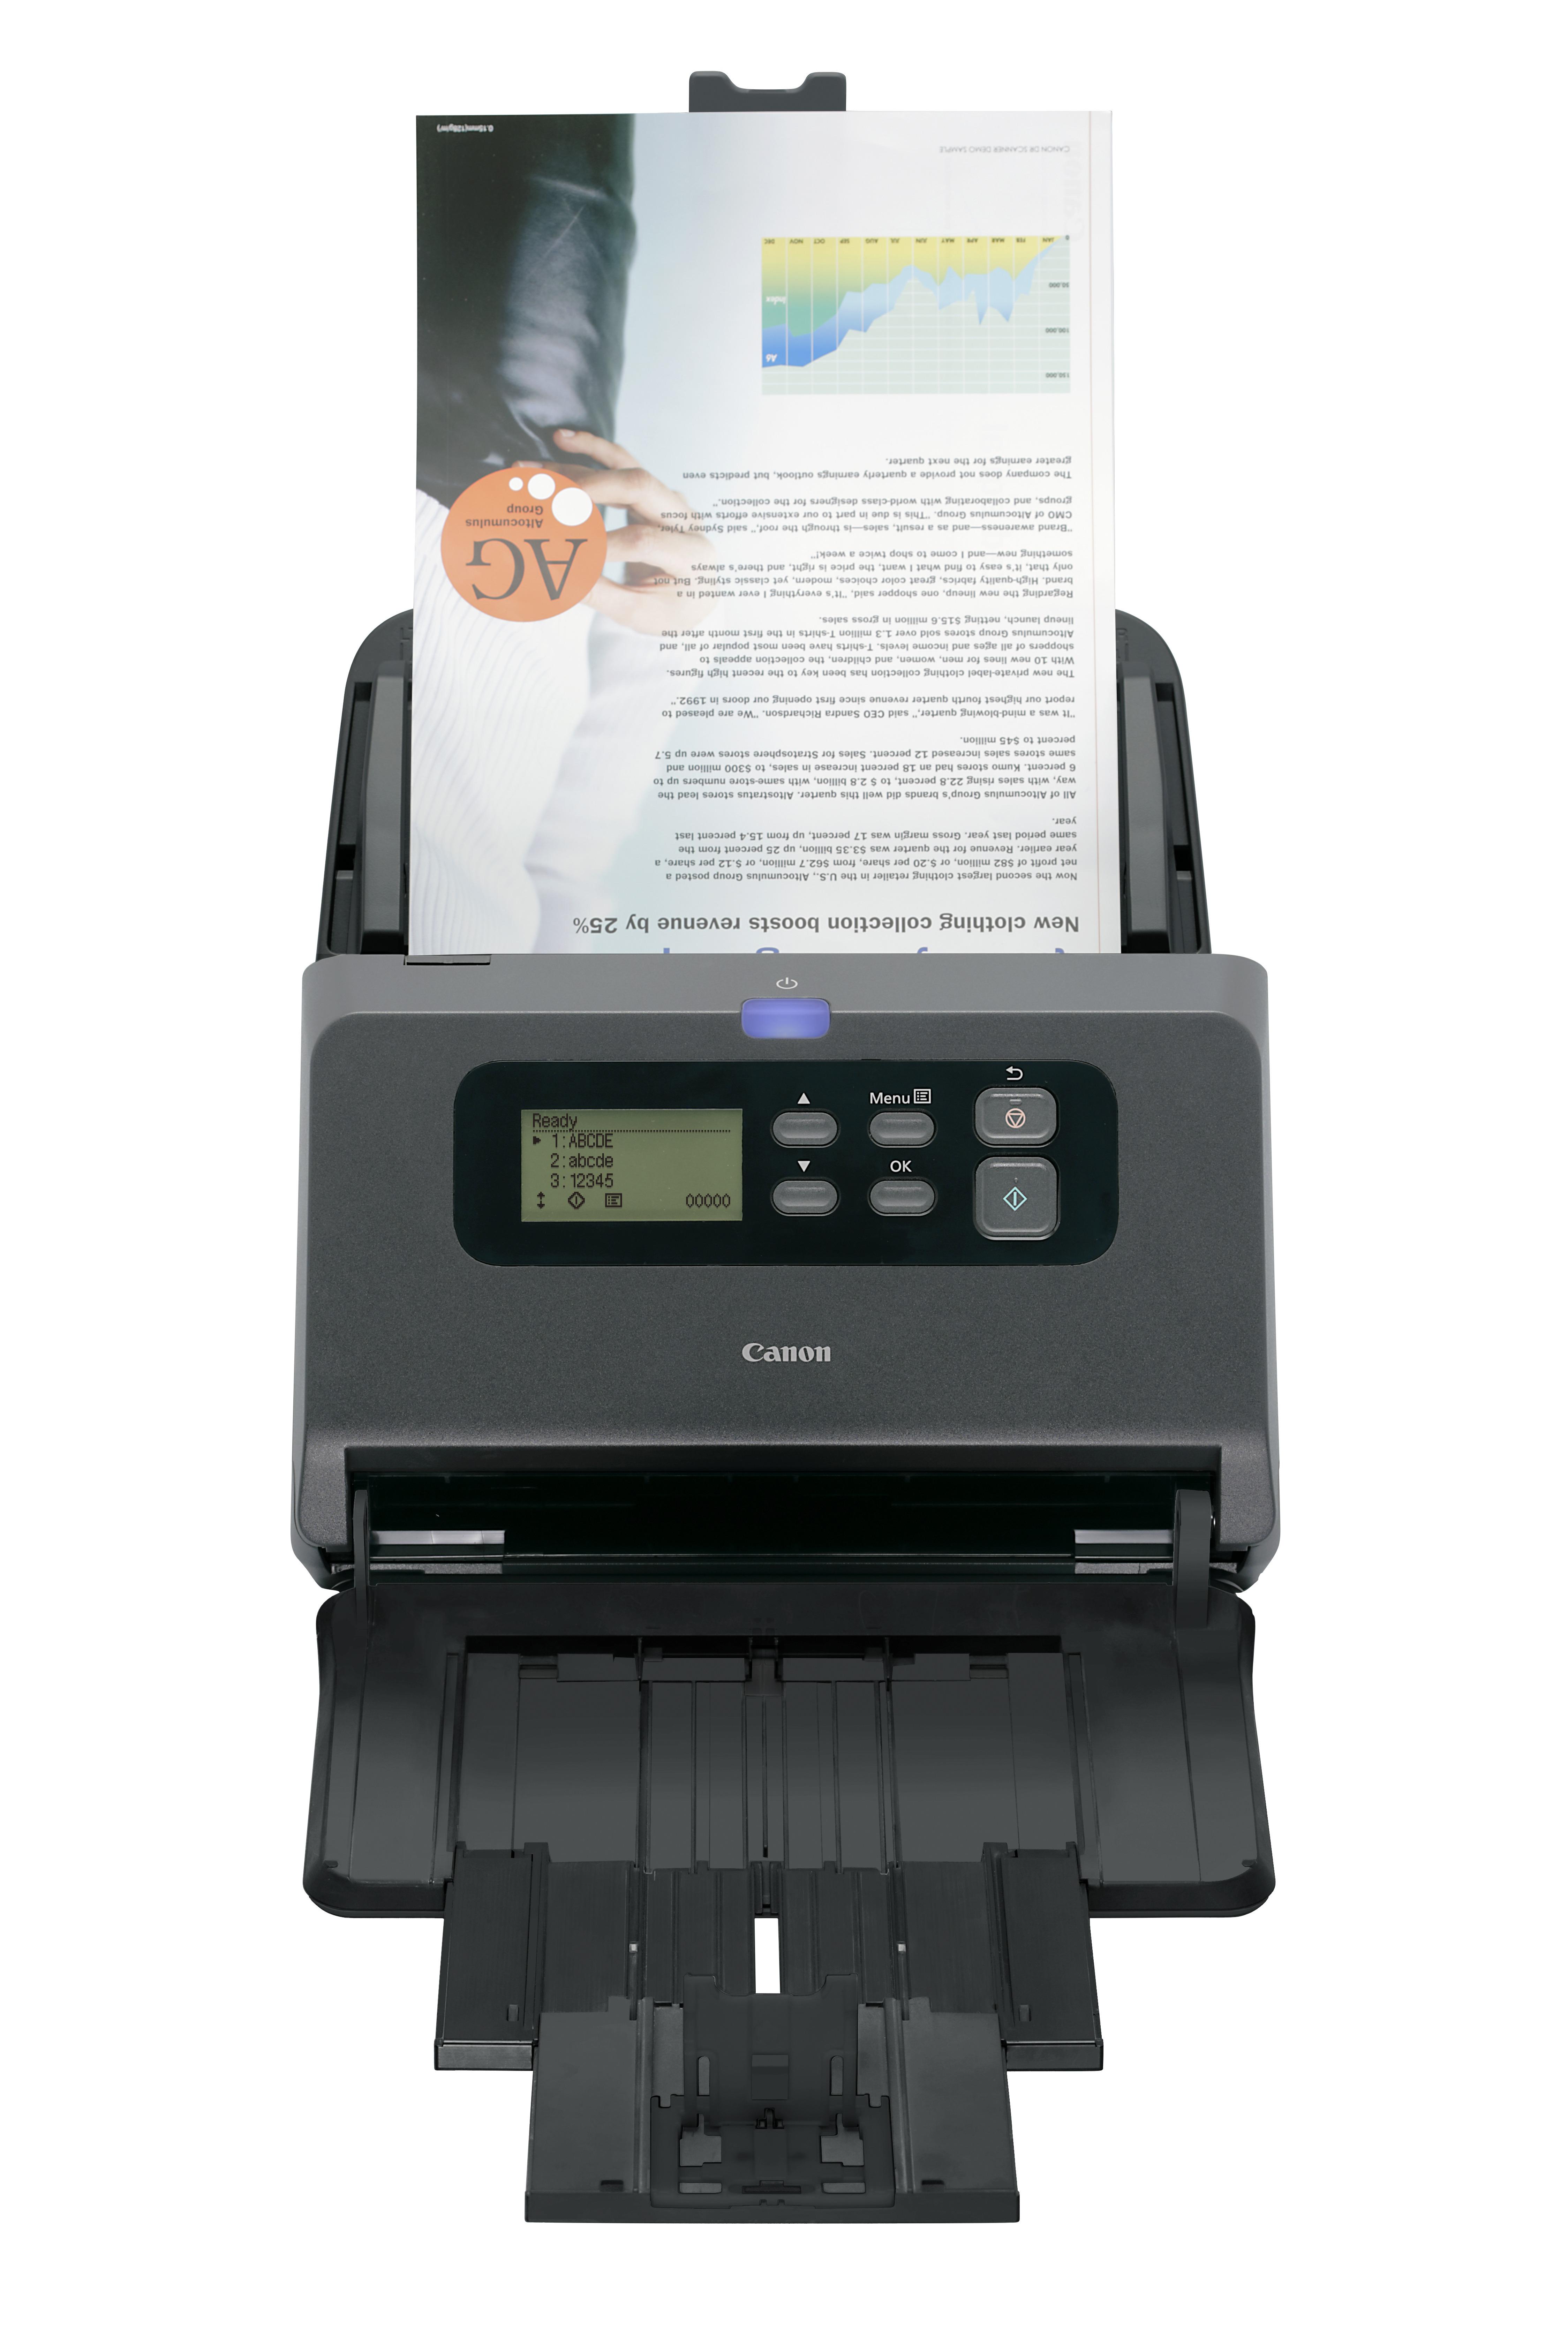 Сканнер Canon imageFORMULA DR-M260 бьет рекорды производительности и универсальности